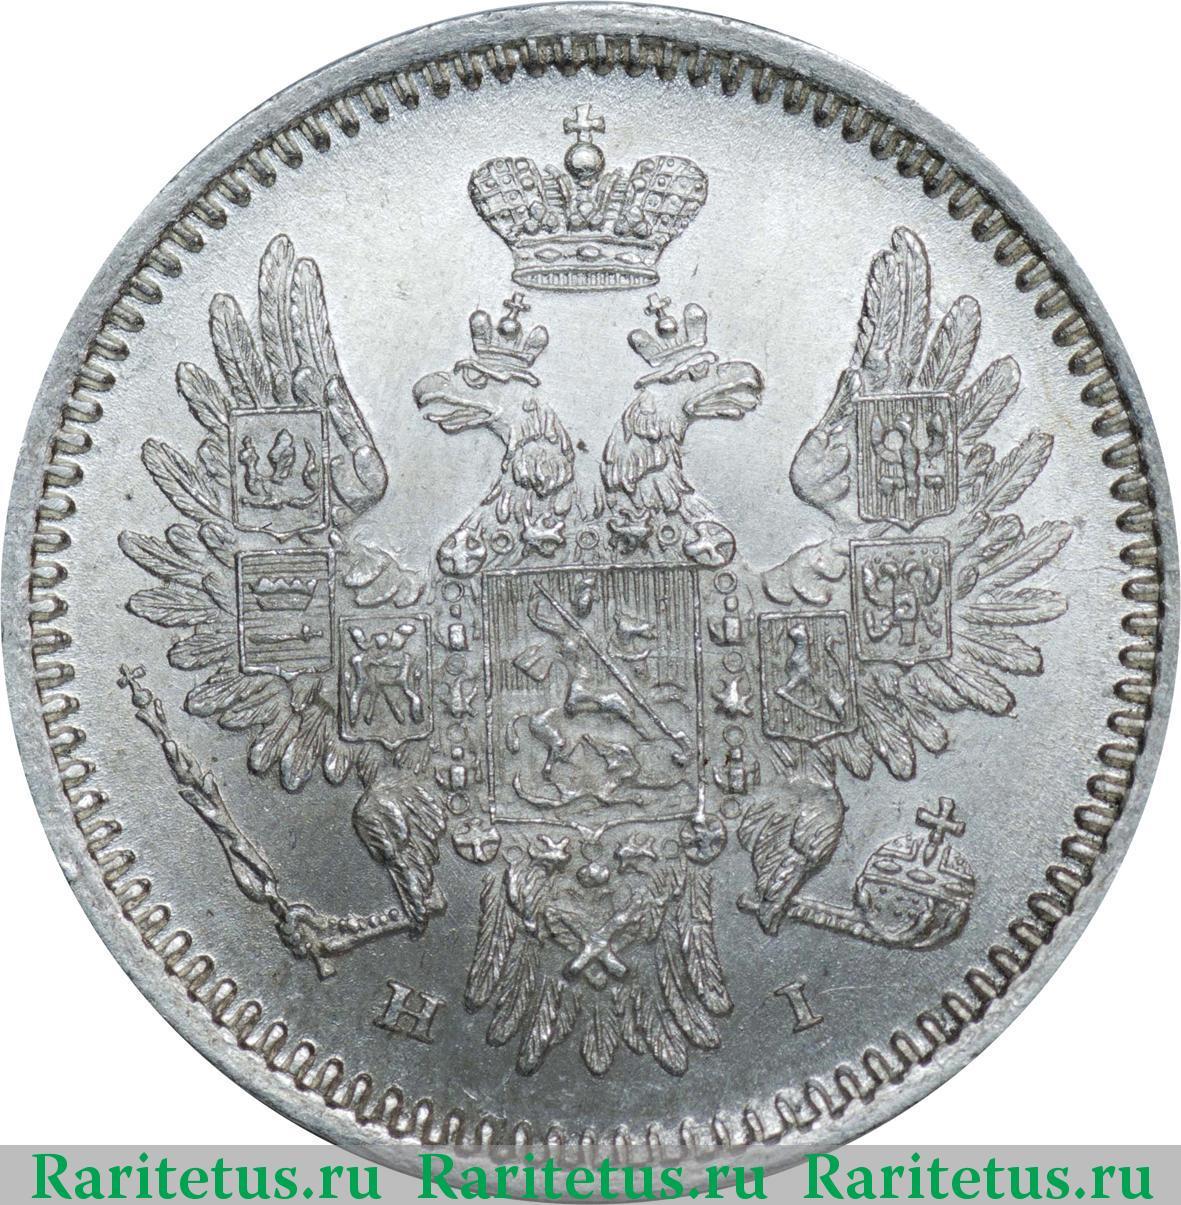 5 копеек 1855 года цена монета тайвань 1 доллар